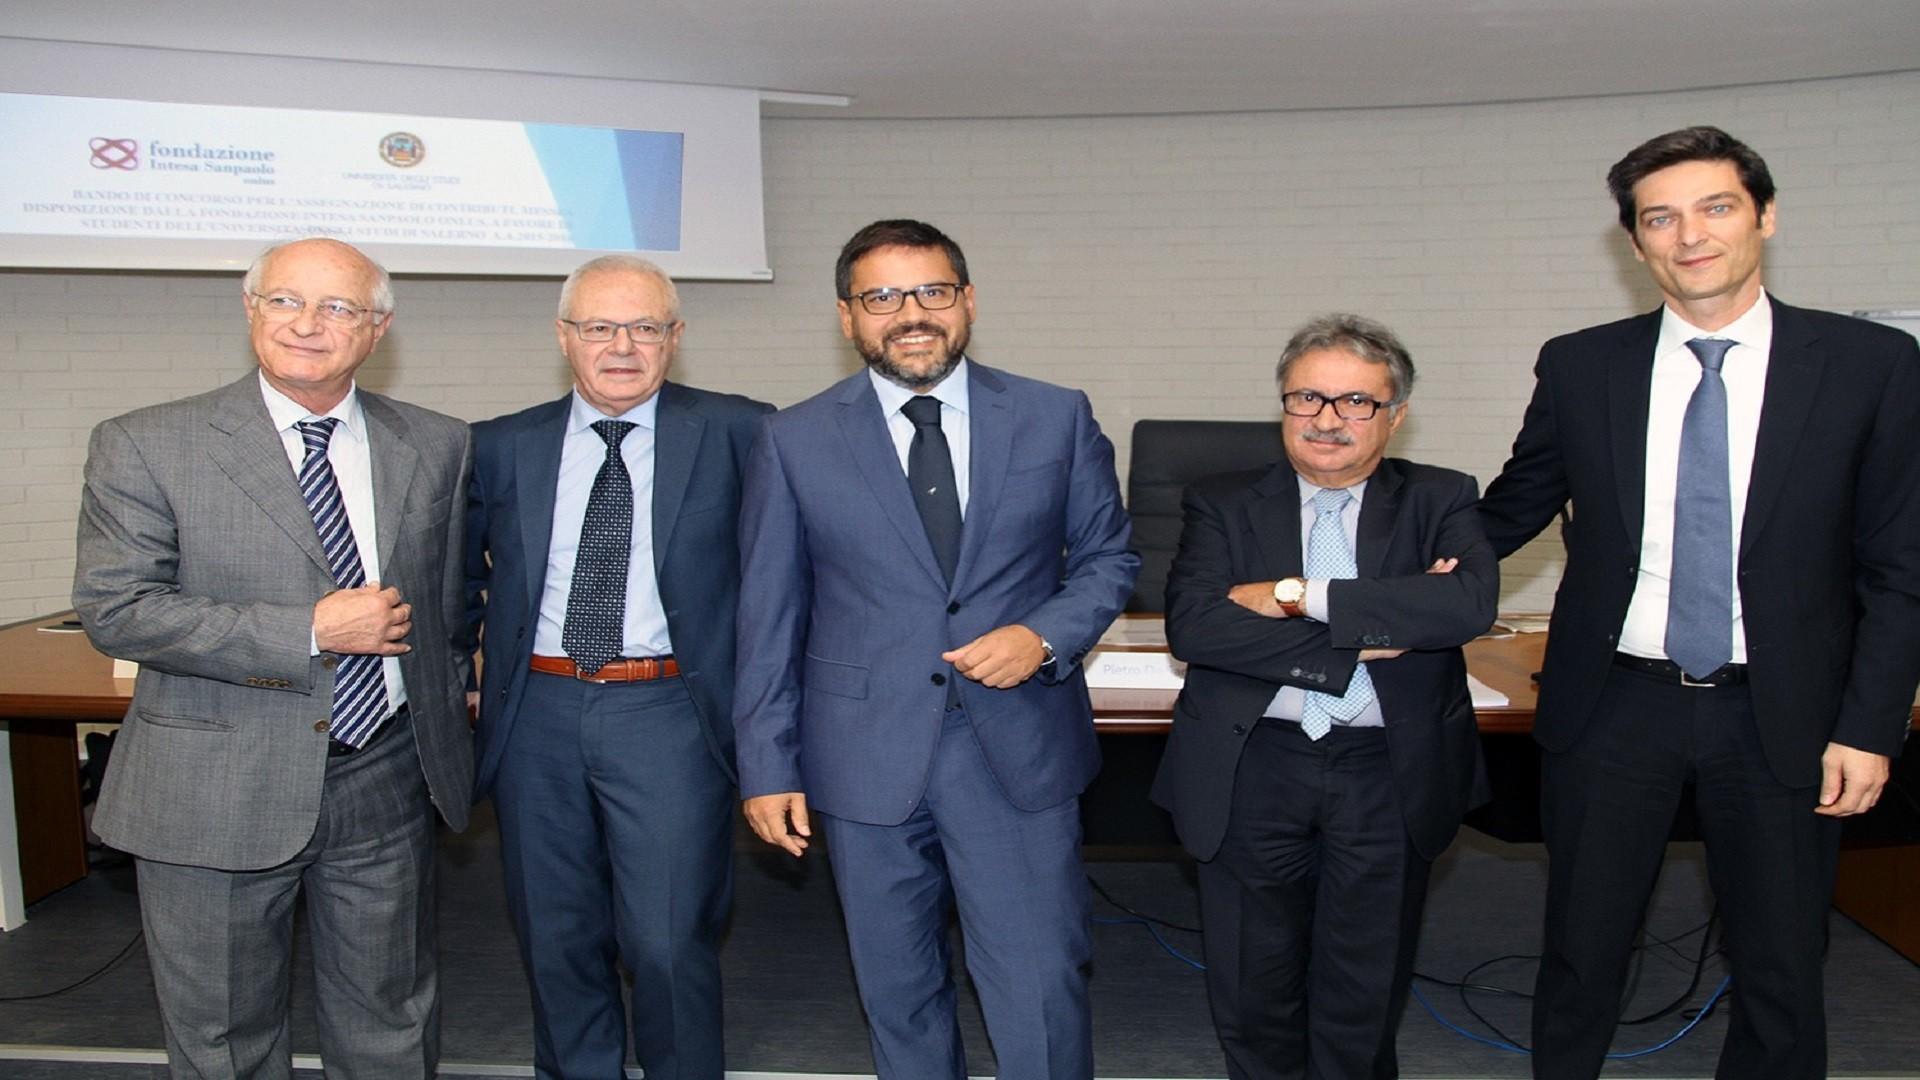 Aniello Salzano, Antonio Piccolo, Aurelio Tommasetti, Pietro De Sarlo, Aniello Auricchio